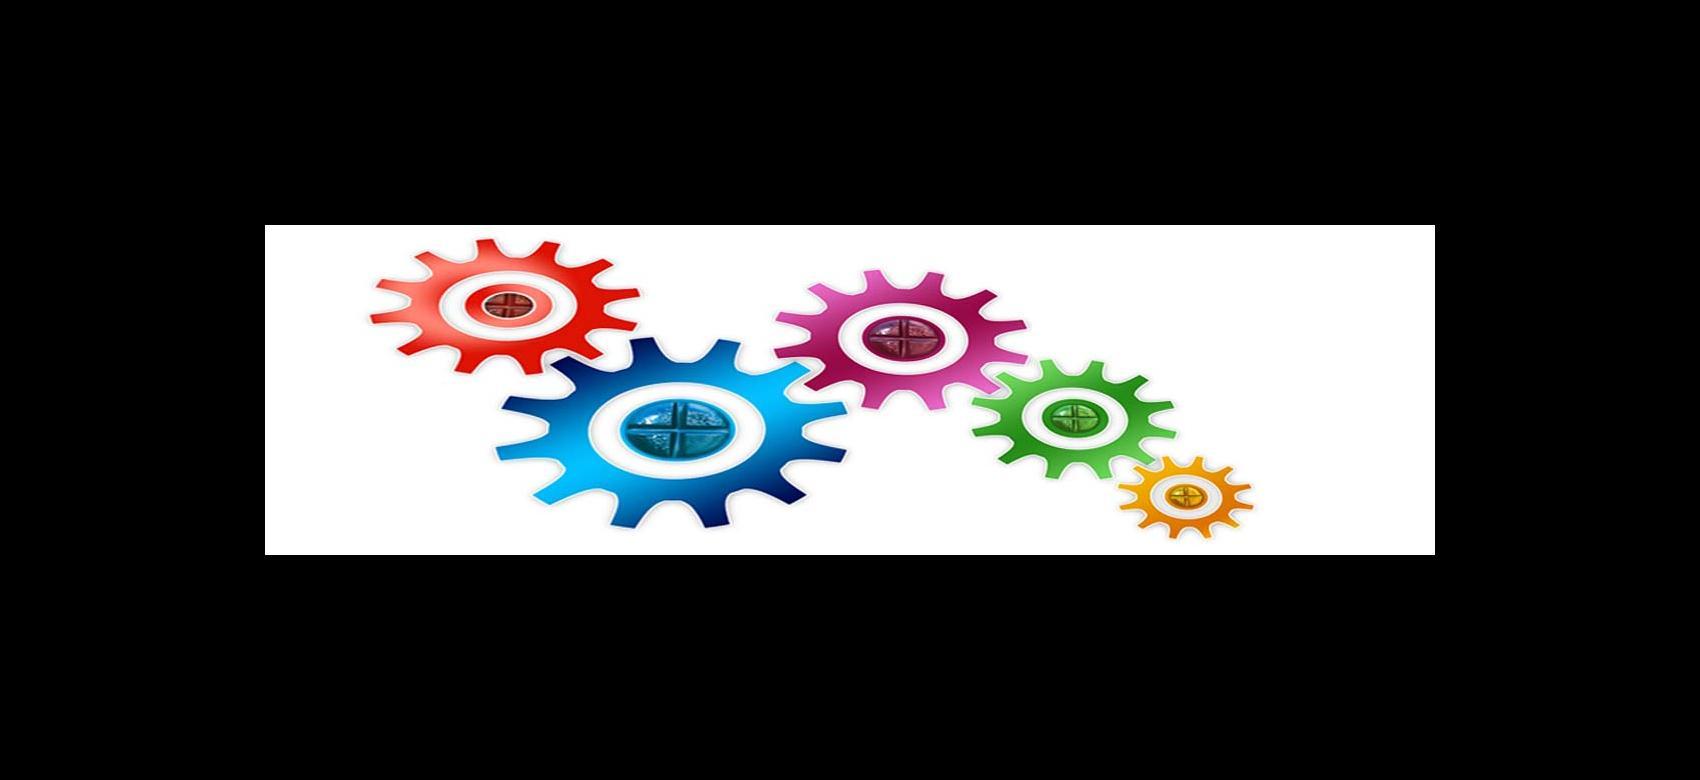 banner con engranajes en colores de la publicación Necesidades de formación en la CM 2019